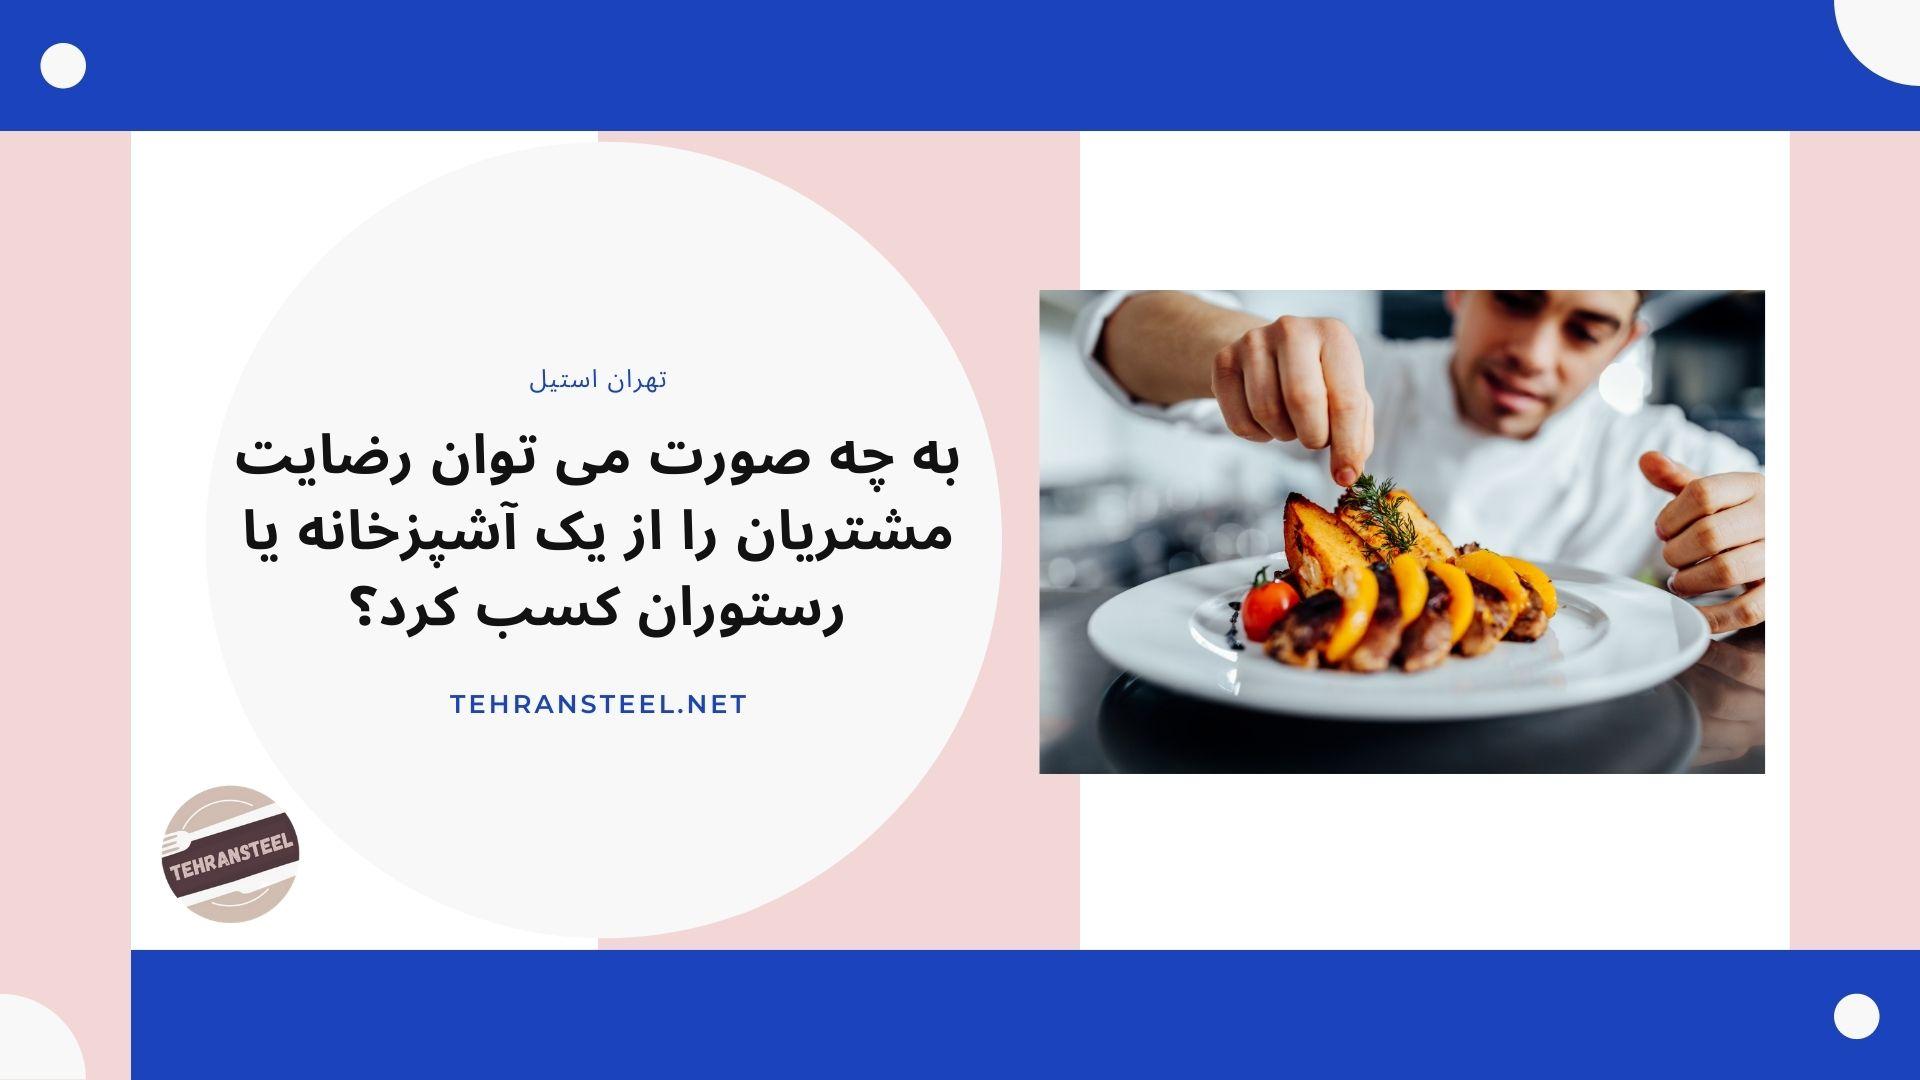 به چه صورت می توان رضایت مشتریان را از یک آشپزخانه یا رستوران کسب کرد؟